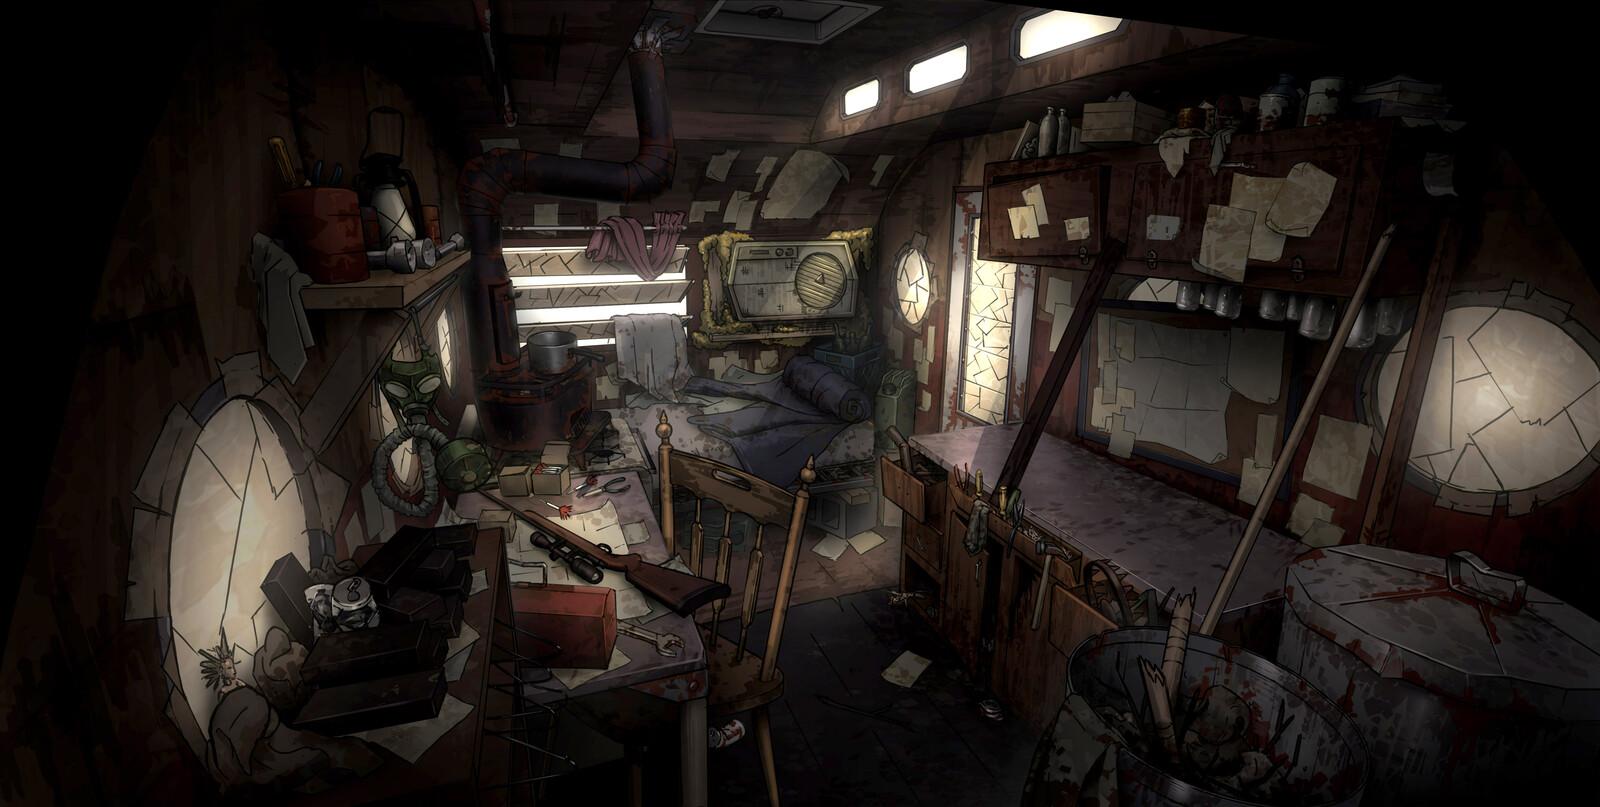 Camper Interior